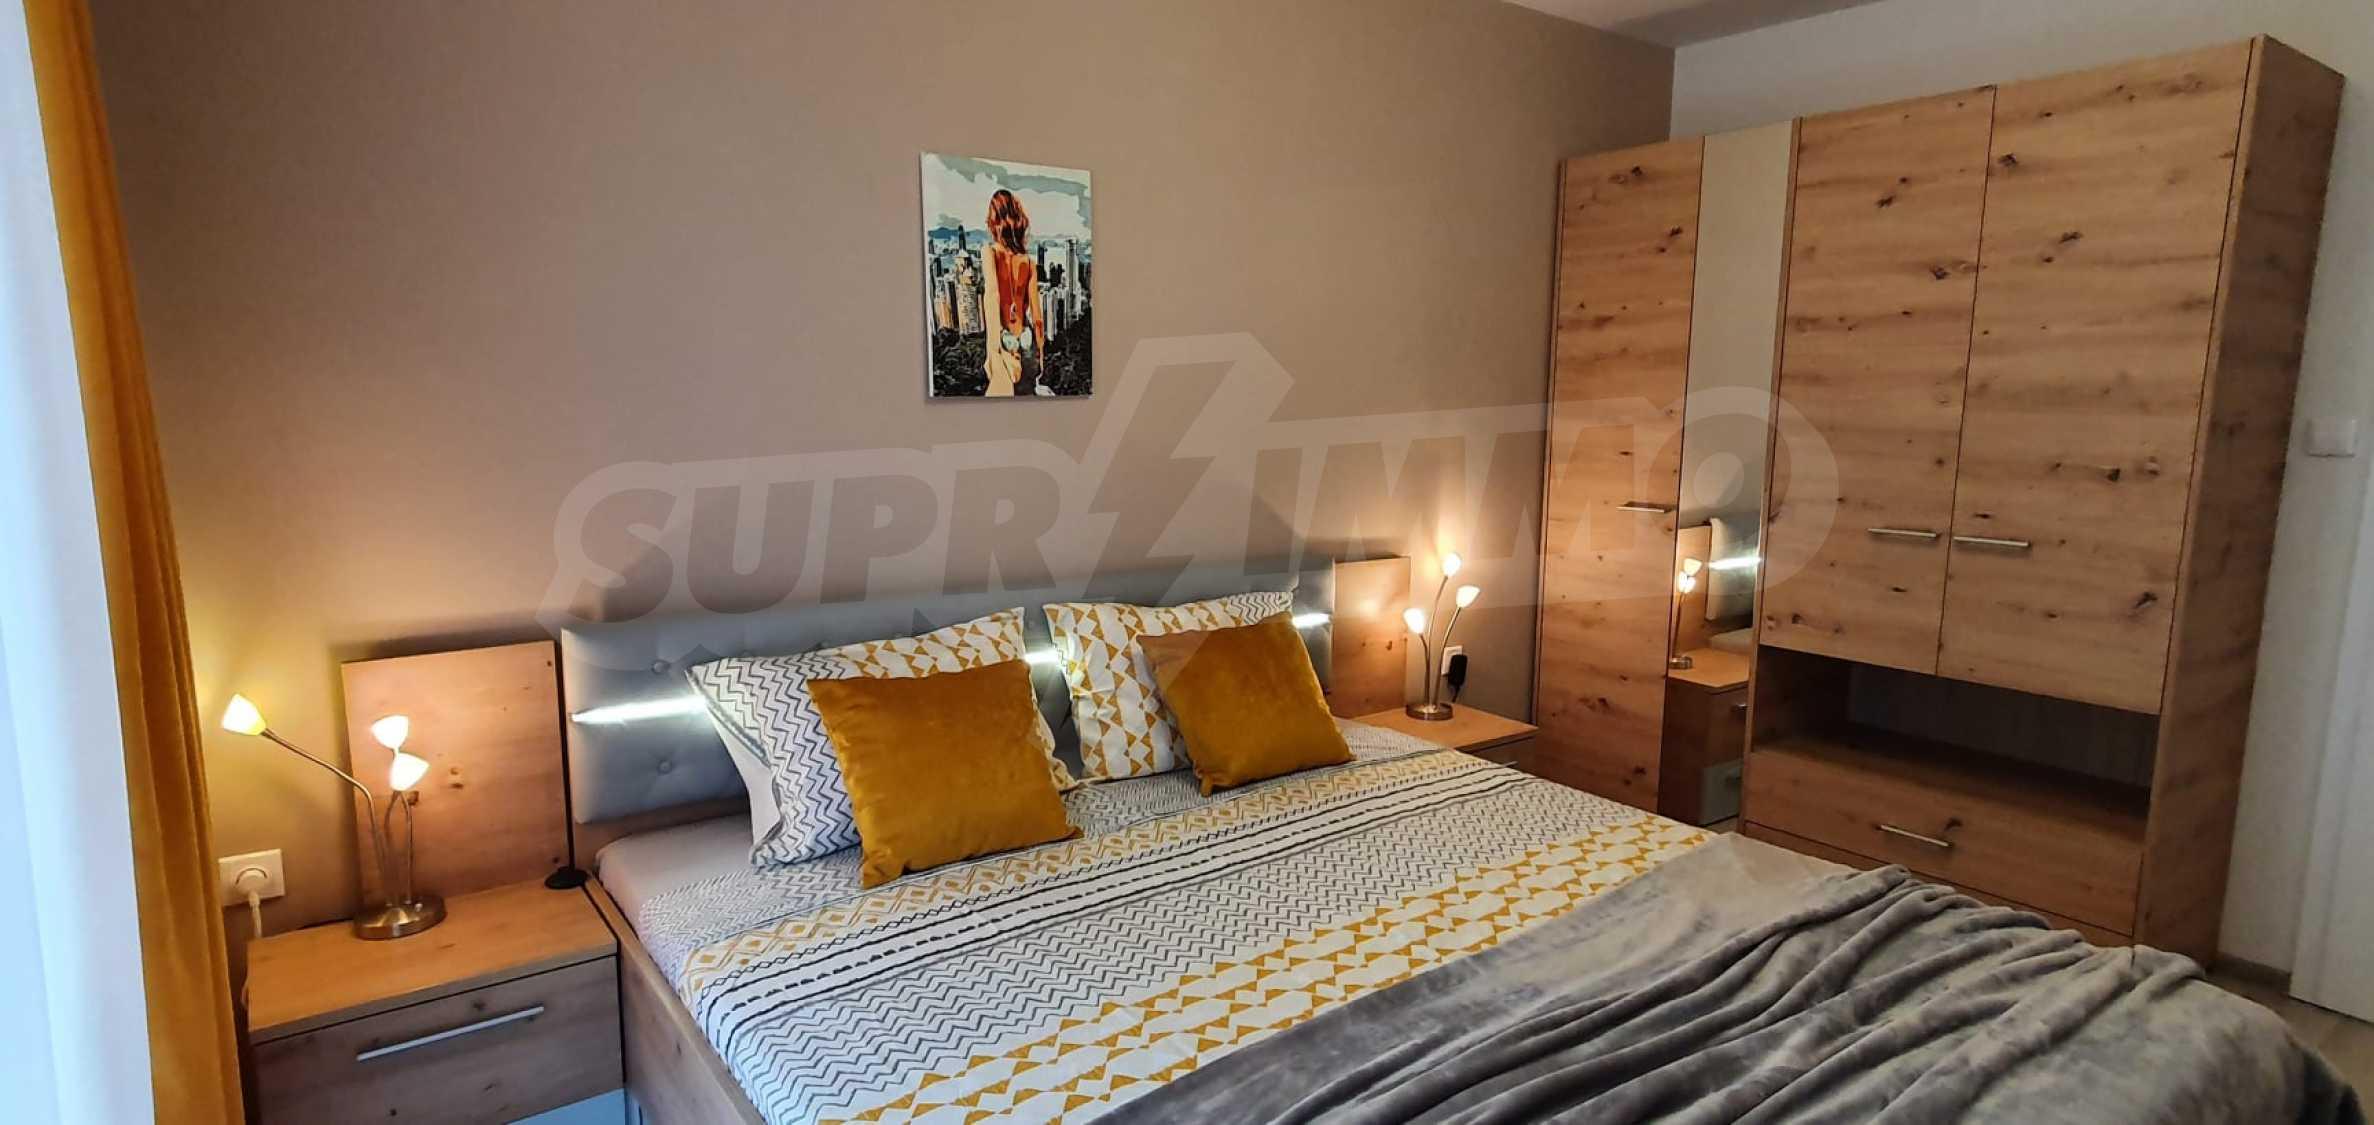 Новая стильно меблированная двухкомнатная квартира в Пловдиве, Центральный район, Каменица 7